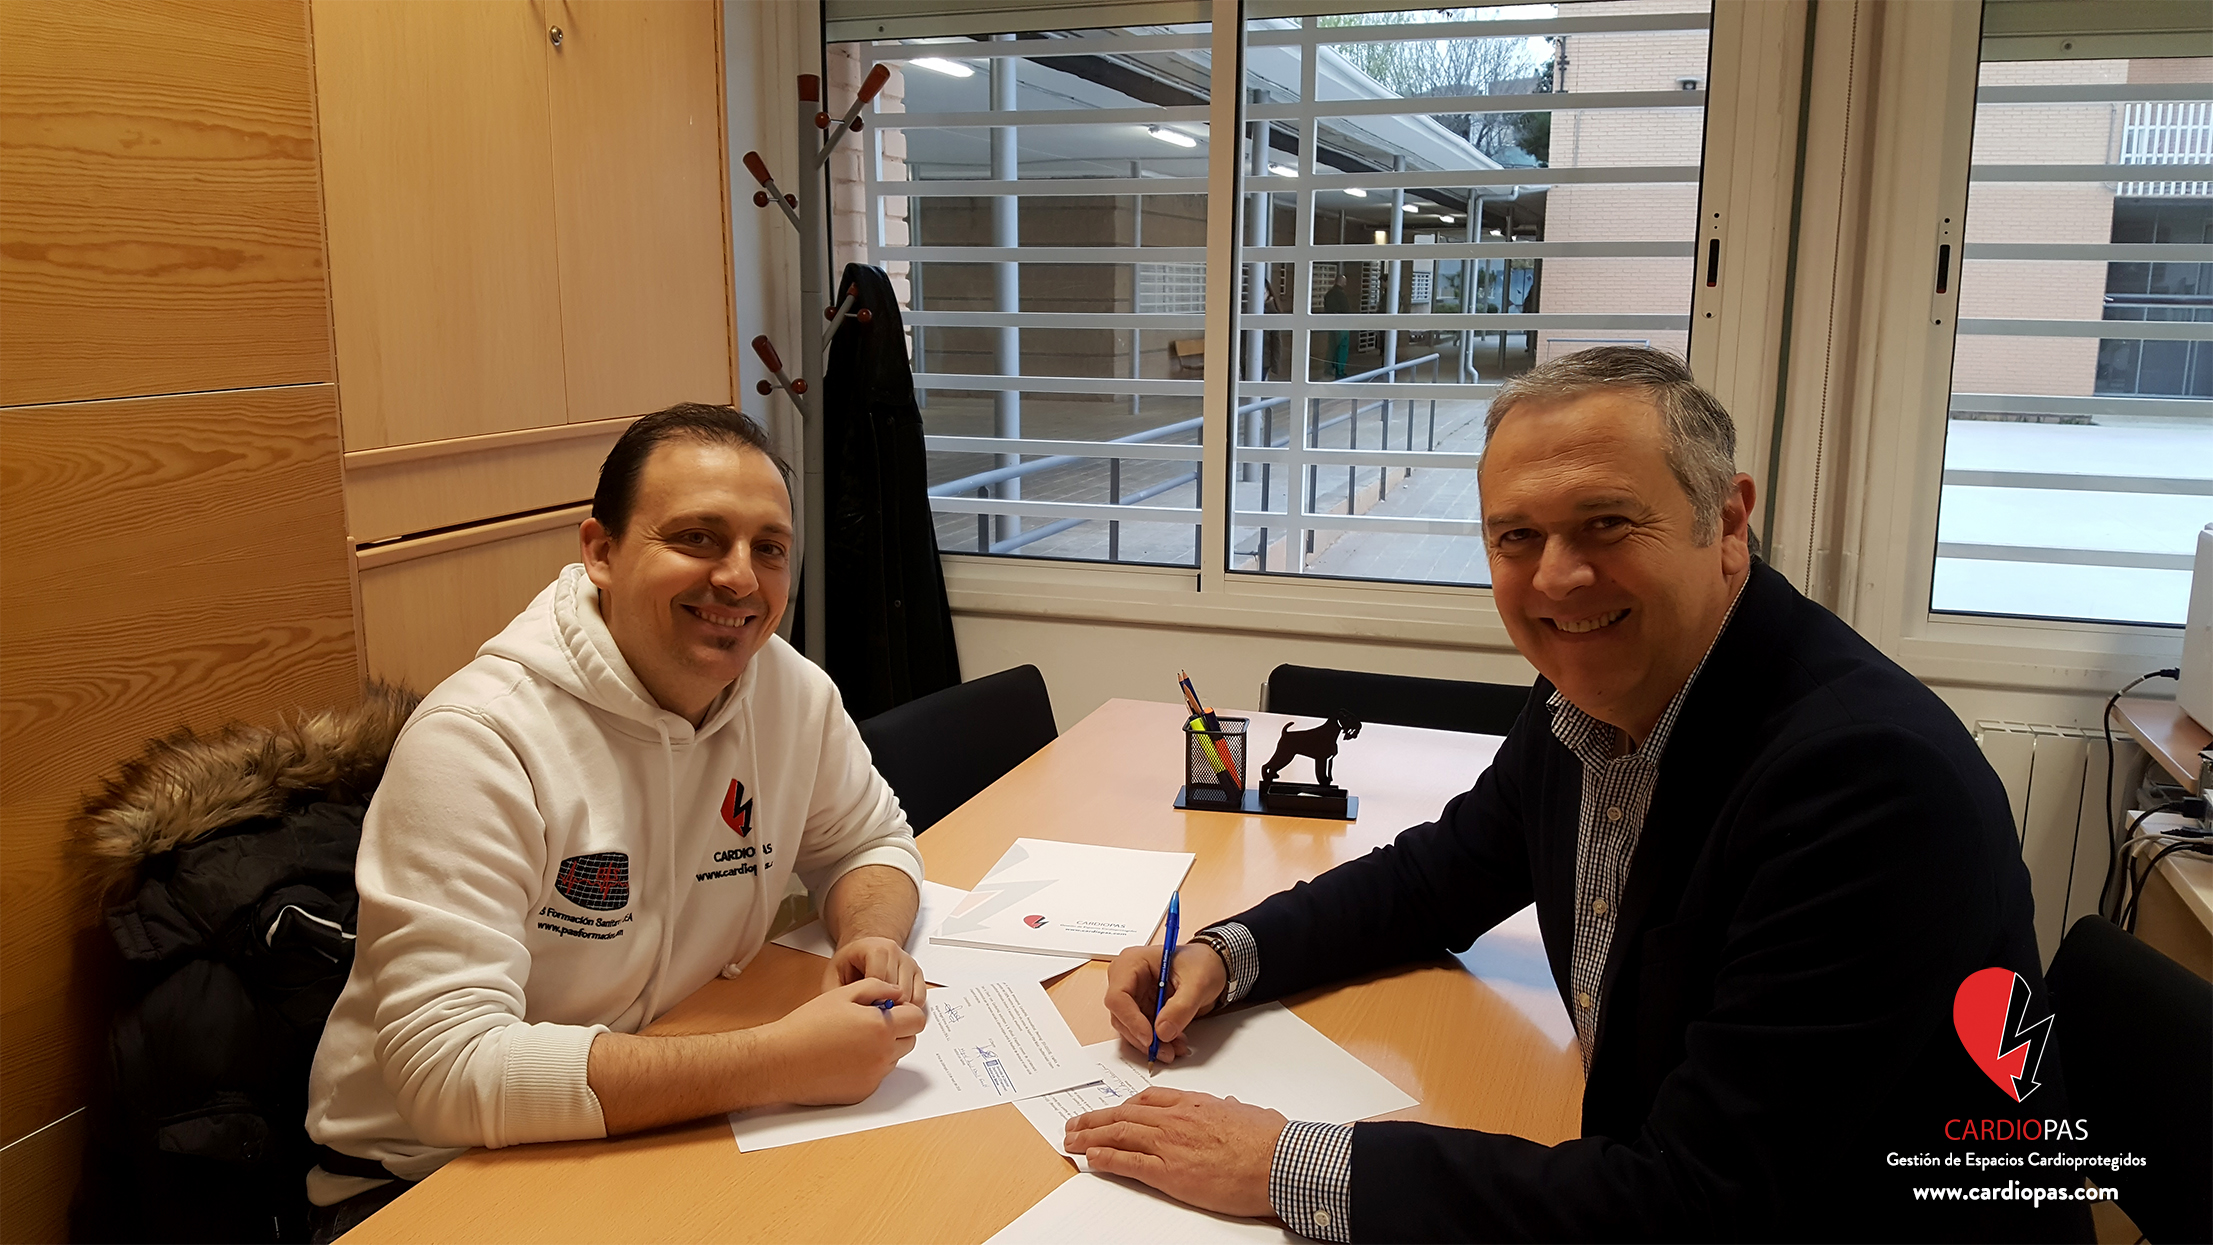 El darrer 13 de març es va signar un nou conveni de col·laboració entre l'IES Les Salinesi CARDIOPAS. Gestió d'Espais Cardioprotegits, que demostra la preocupació i responsabilitat del centre cap… READ MORE